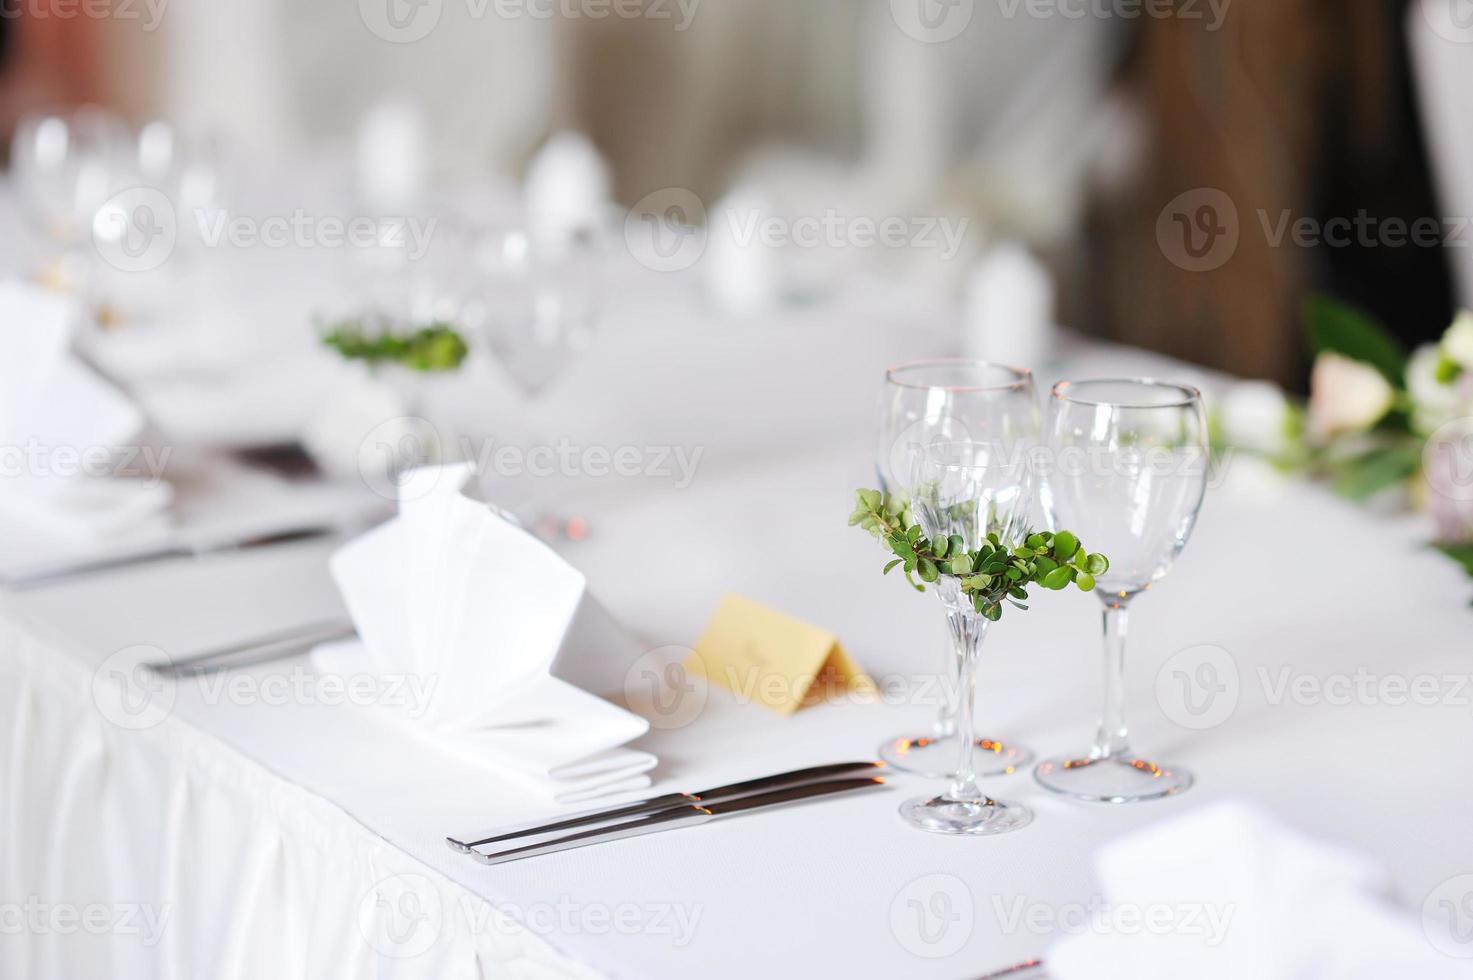 mesa posta para uma festa do evento foto